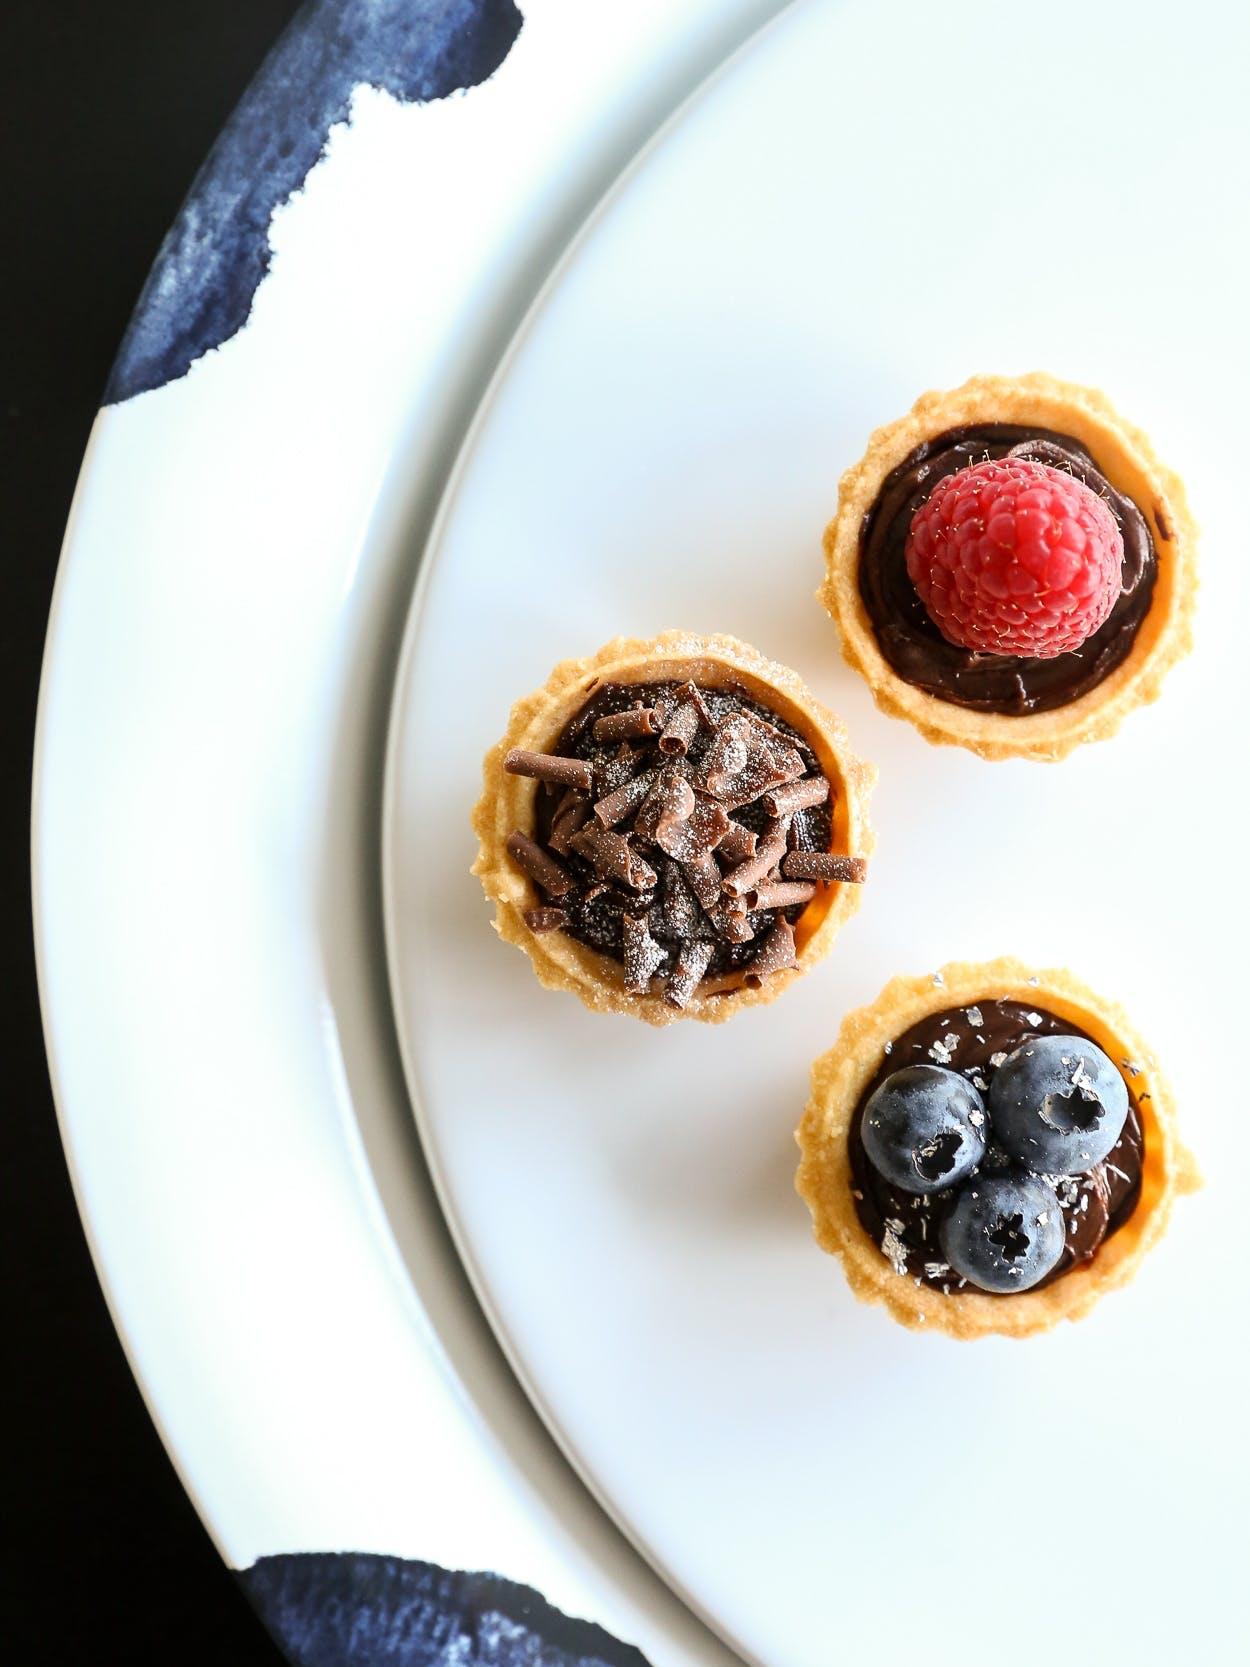 Her er et eksempel på de perfekte hapsere til sommerfesten - færdigkøbte tærteskaller med chokoladeganache, bær og pynt.